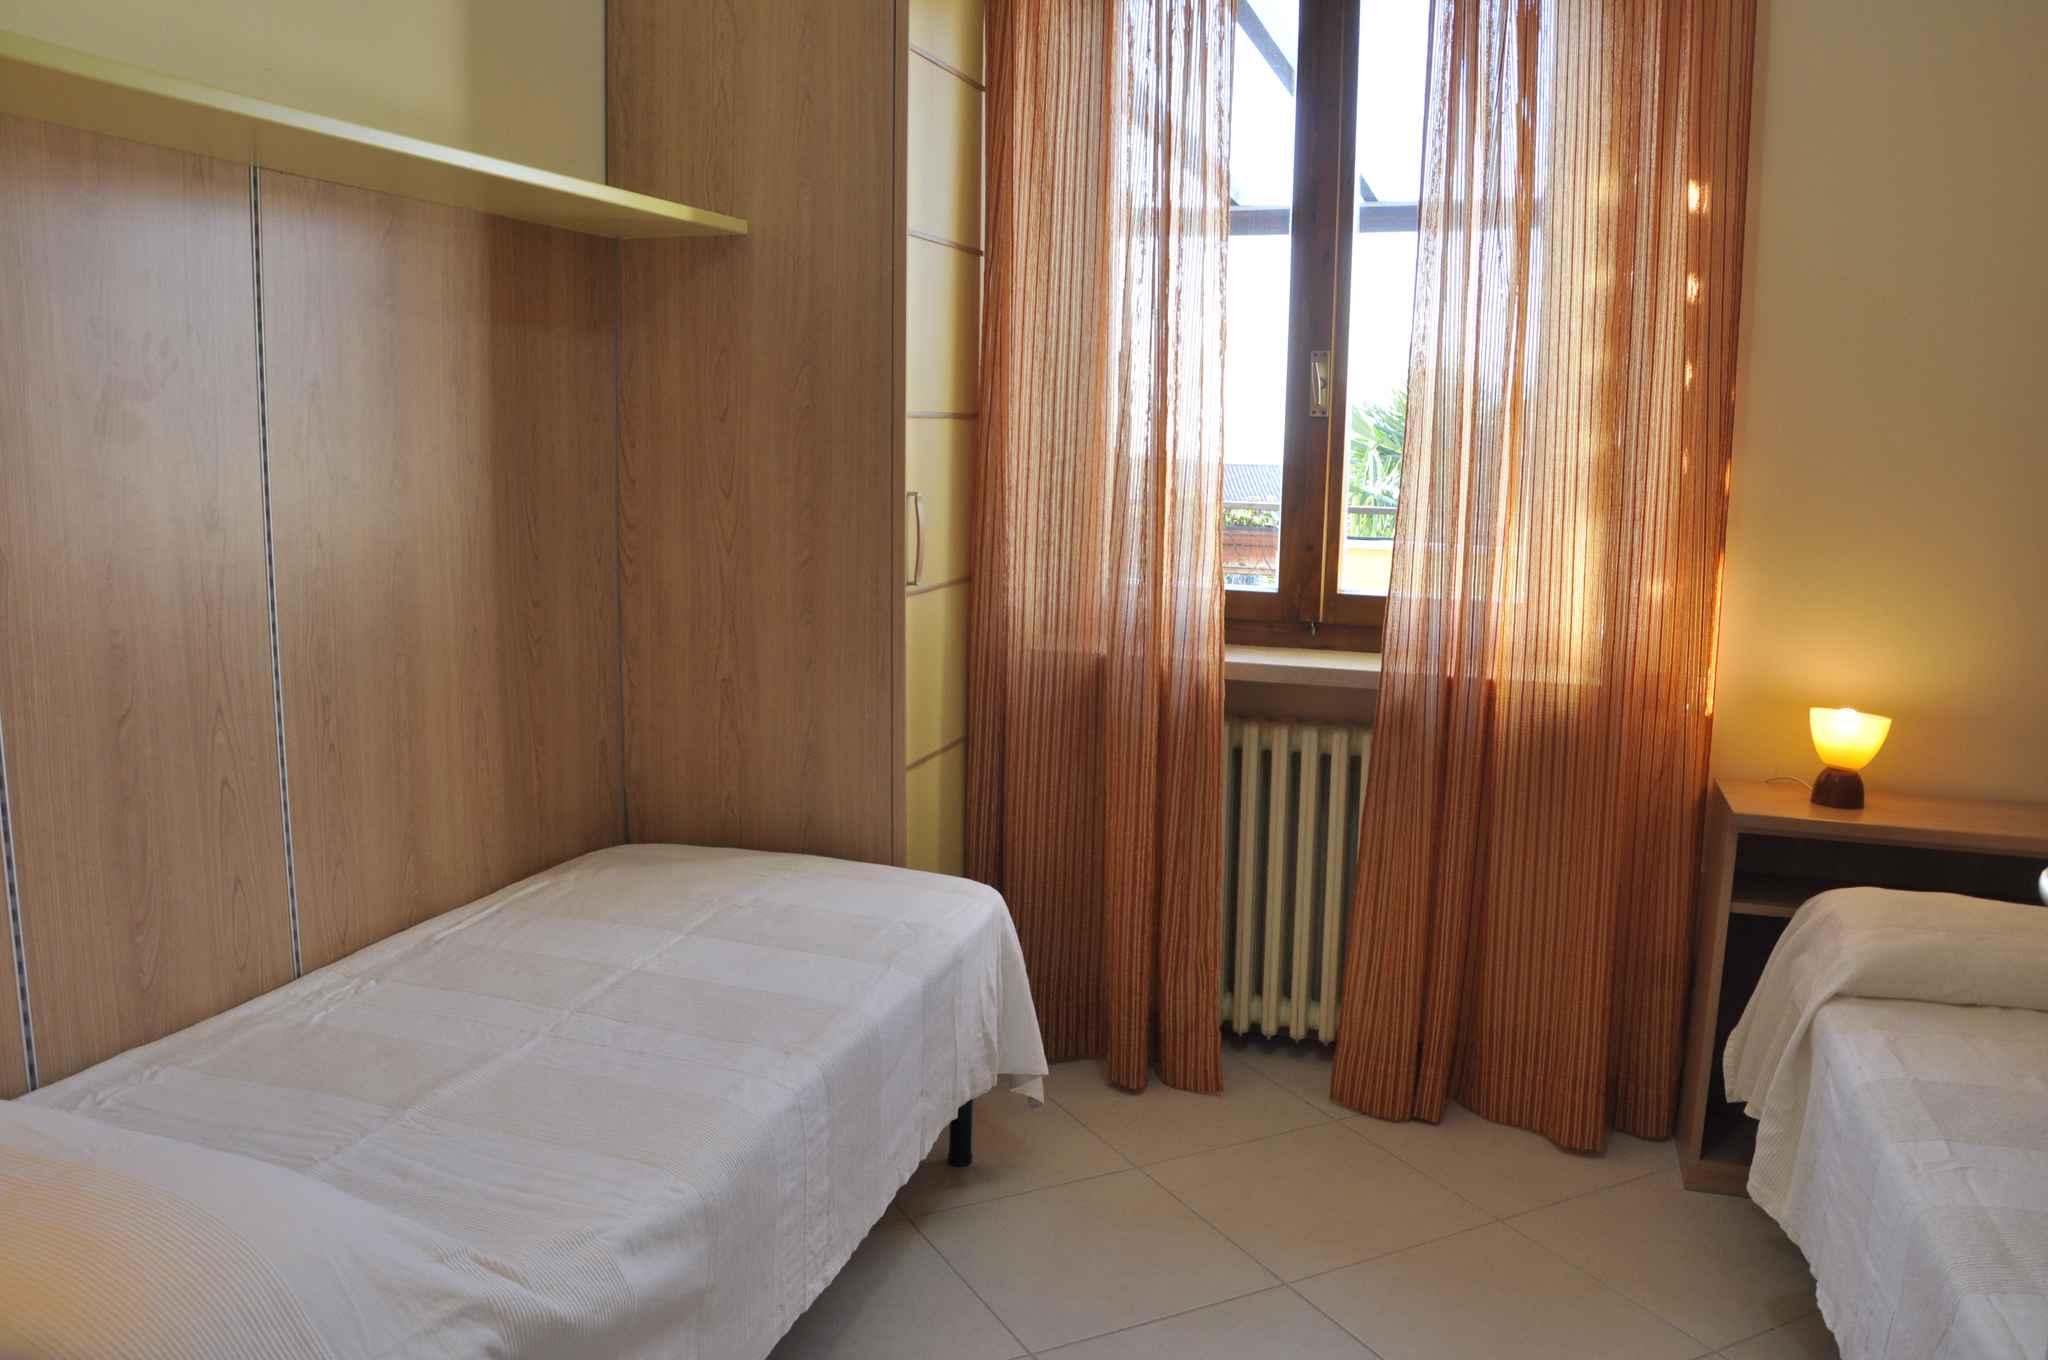 Ferienwohnung con balcone (480312), Lazise, Gardasee, Venetien, Italien, Bild 25